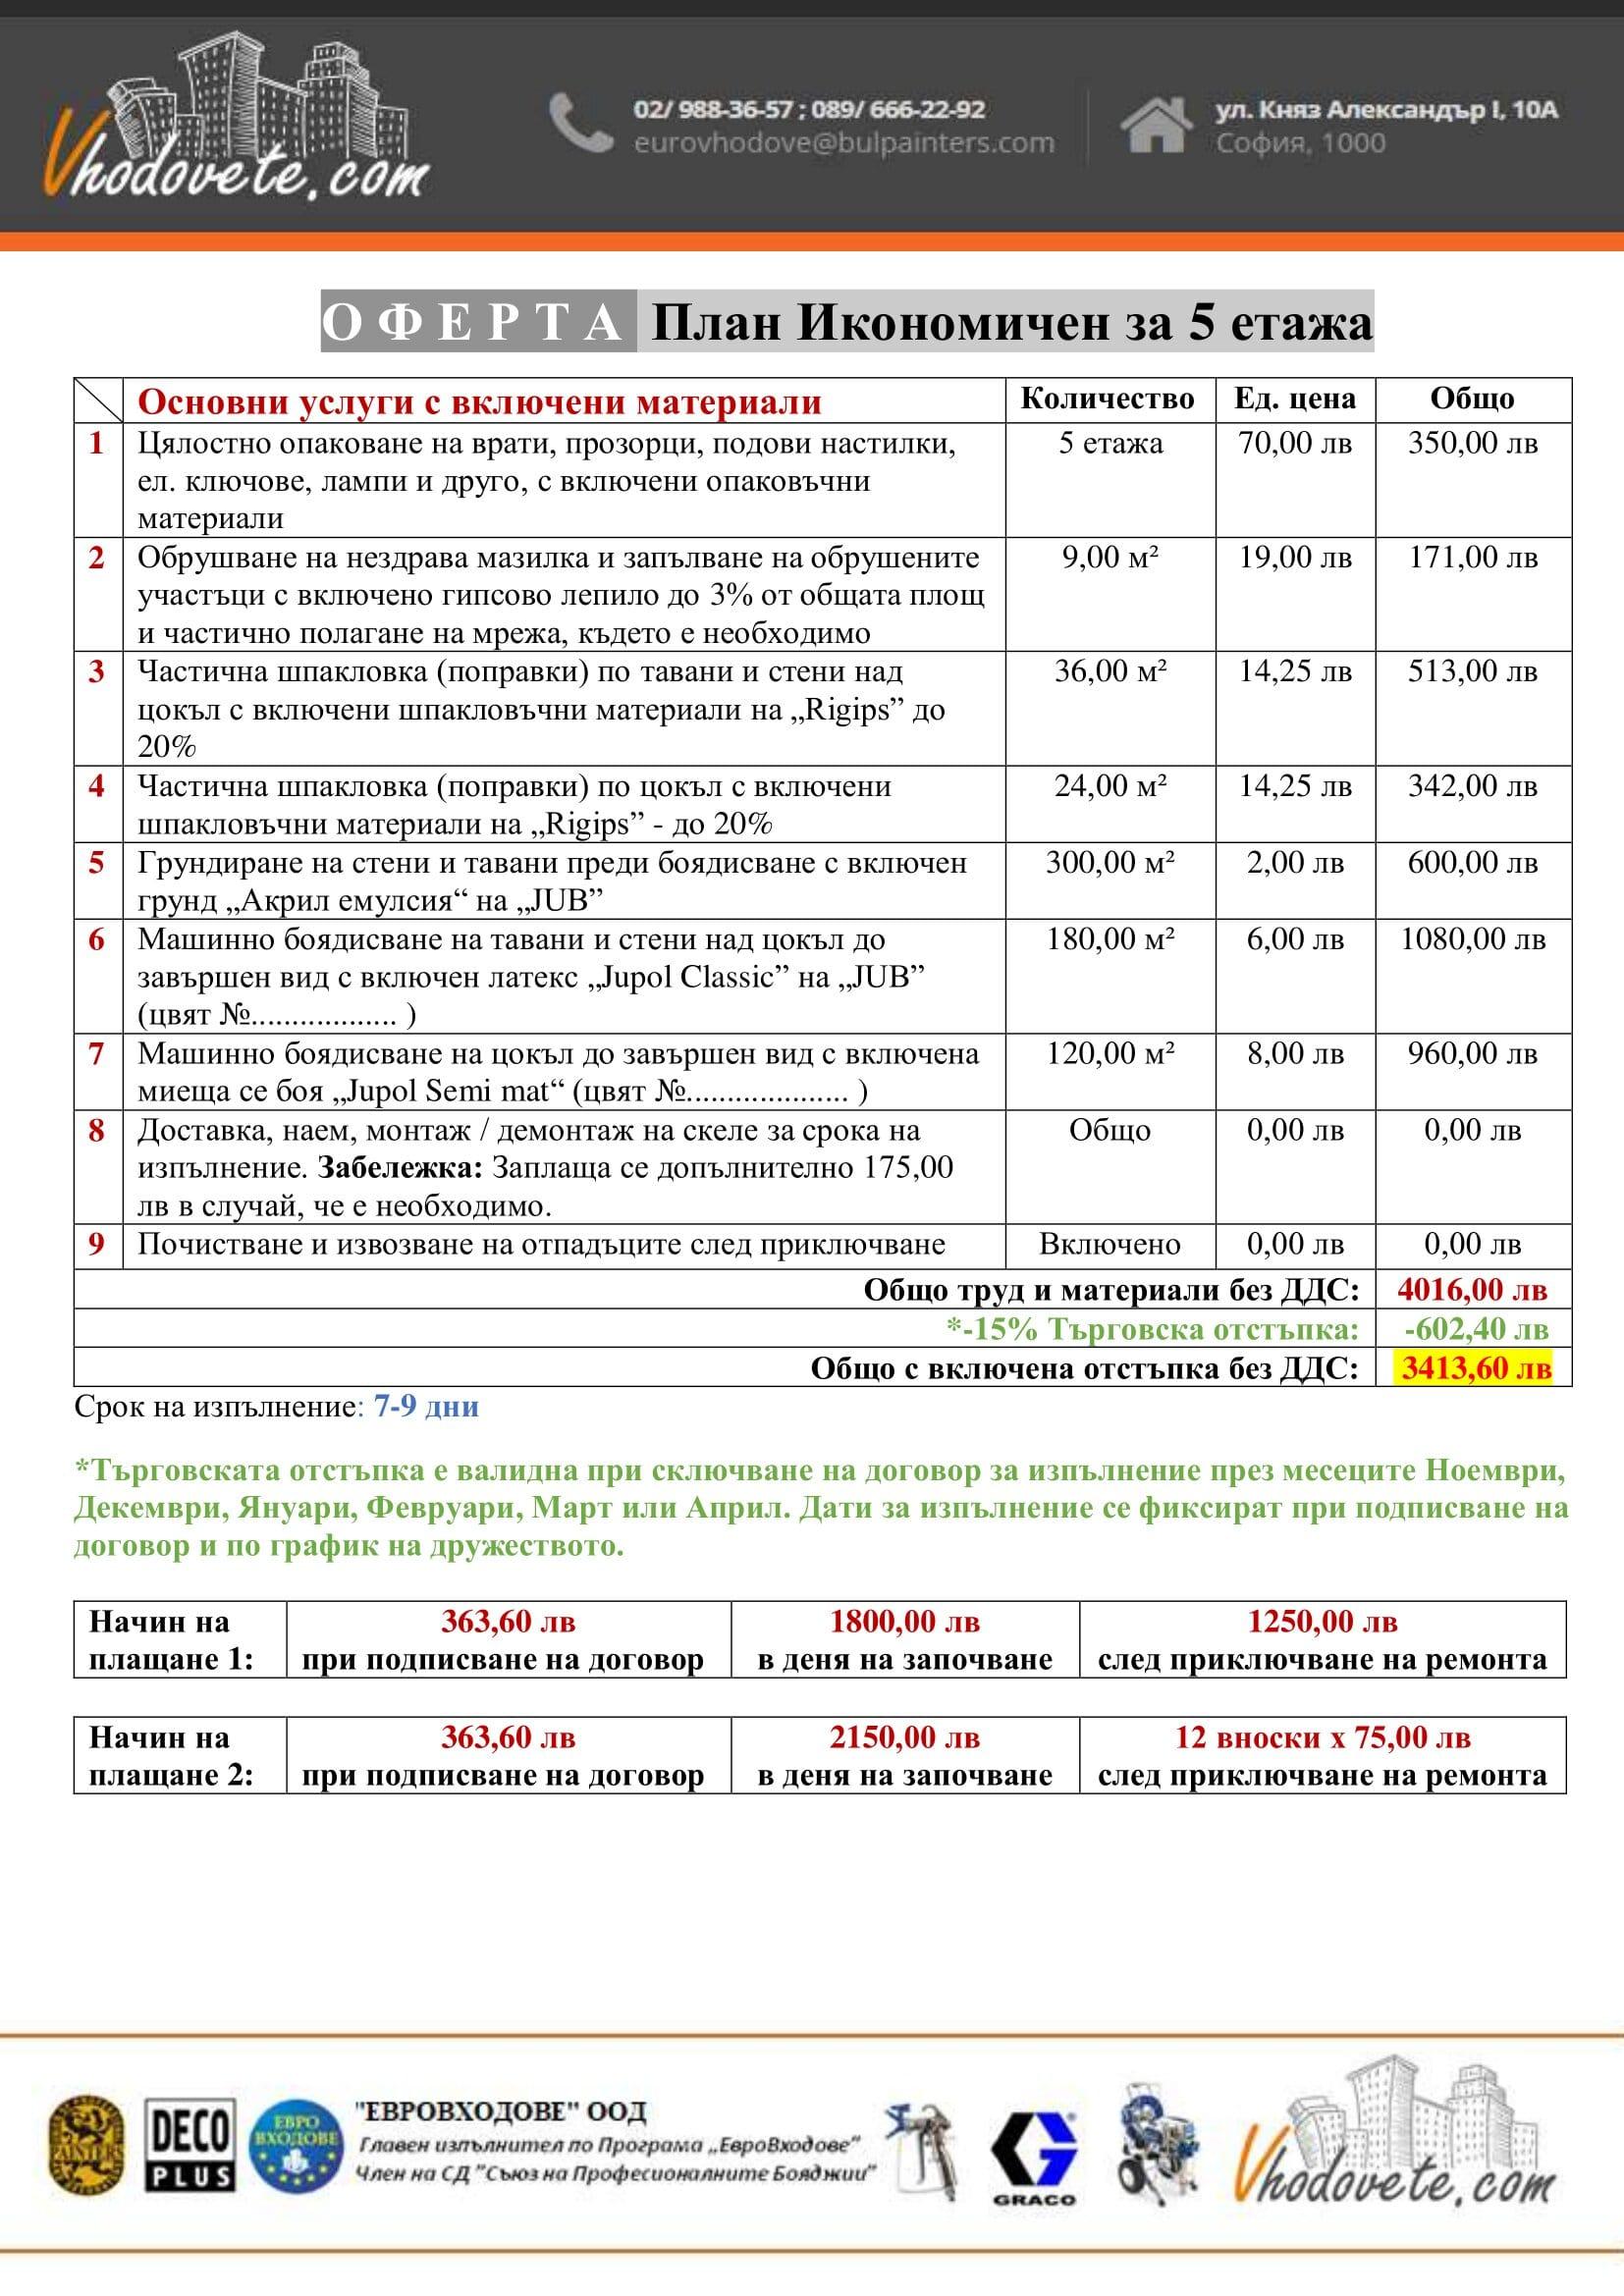 1-Oferta-za-5-et-Ikonomichen-01102020